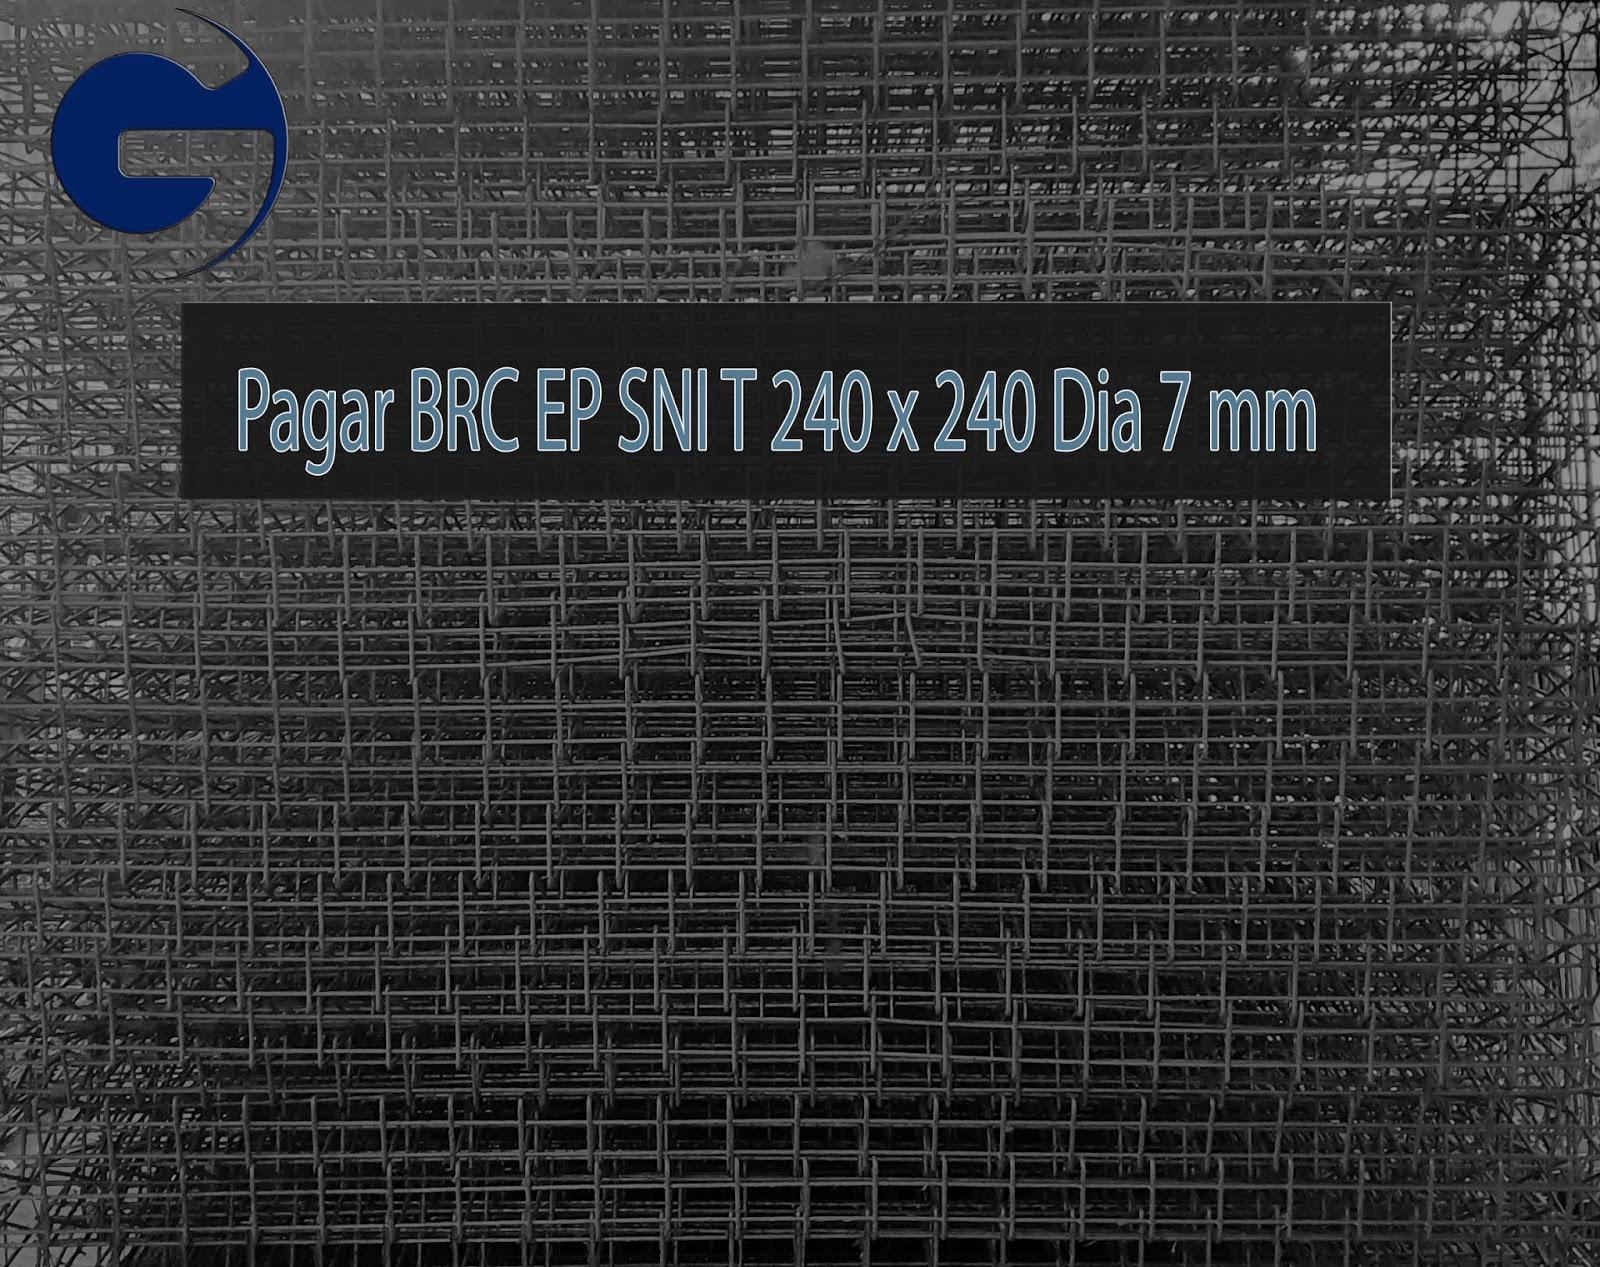 Jual pagar BRC HD SNI T 240 x 240 Dia 7 mm